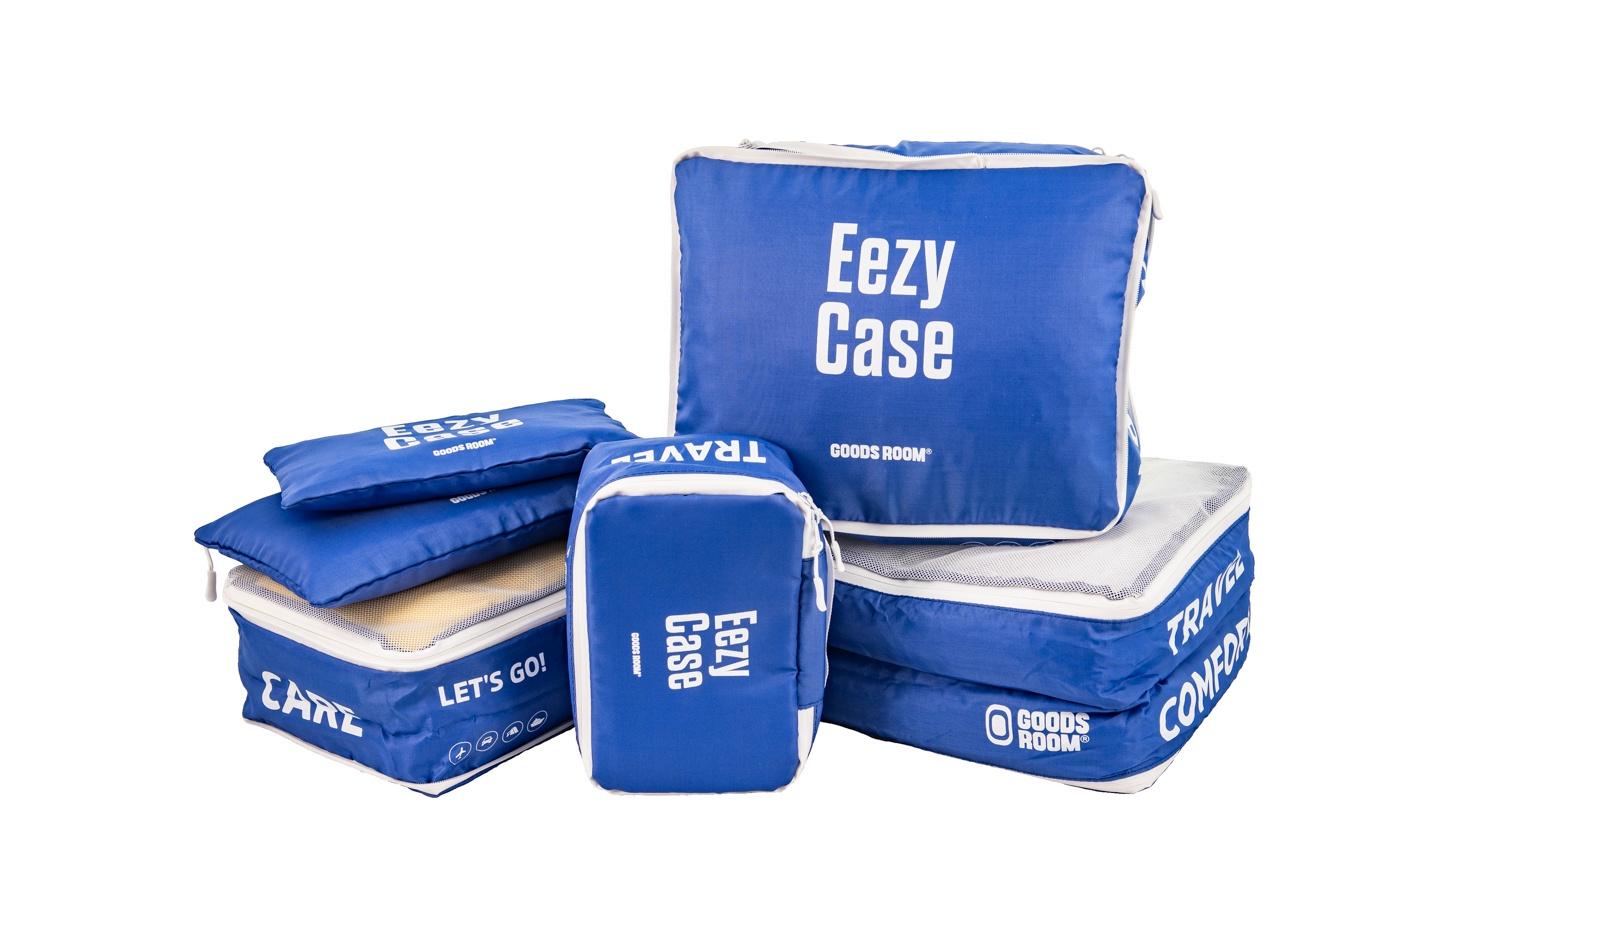 Eezy Case - Система хранения вещей в чемодане.